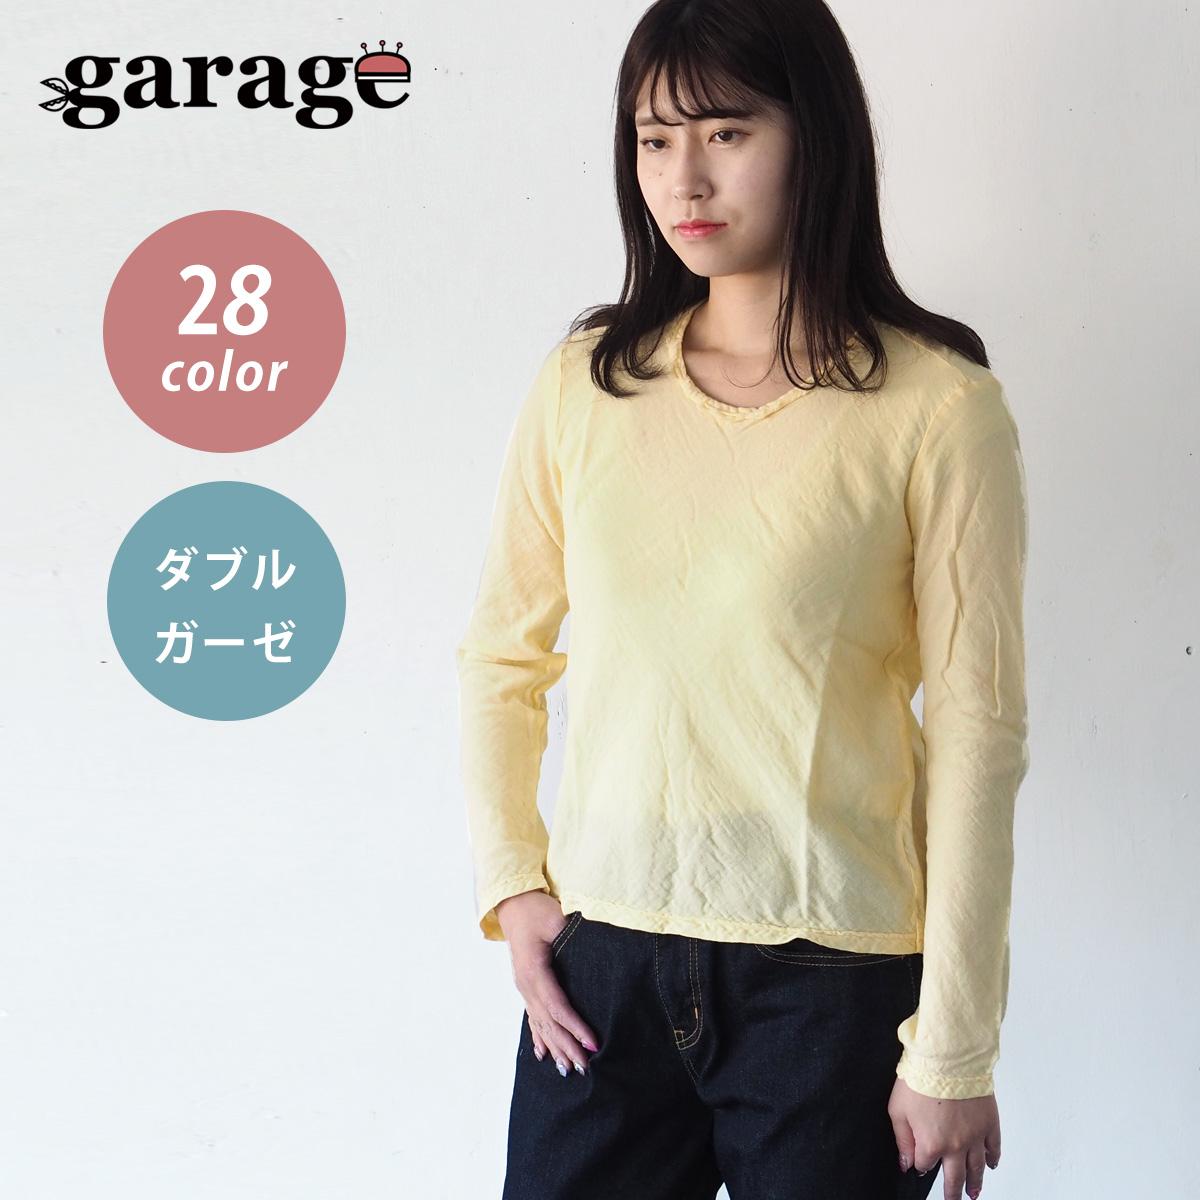 ガーゼ服工房 garage(ガラージ) ダブルガーゼ シンプルTシャツ 長袖 レディース [TS-53-LS]